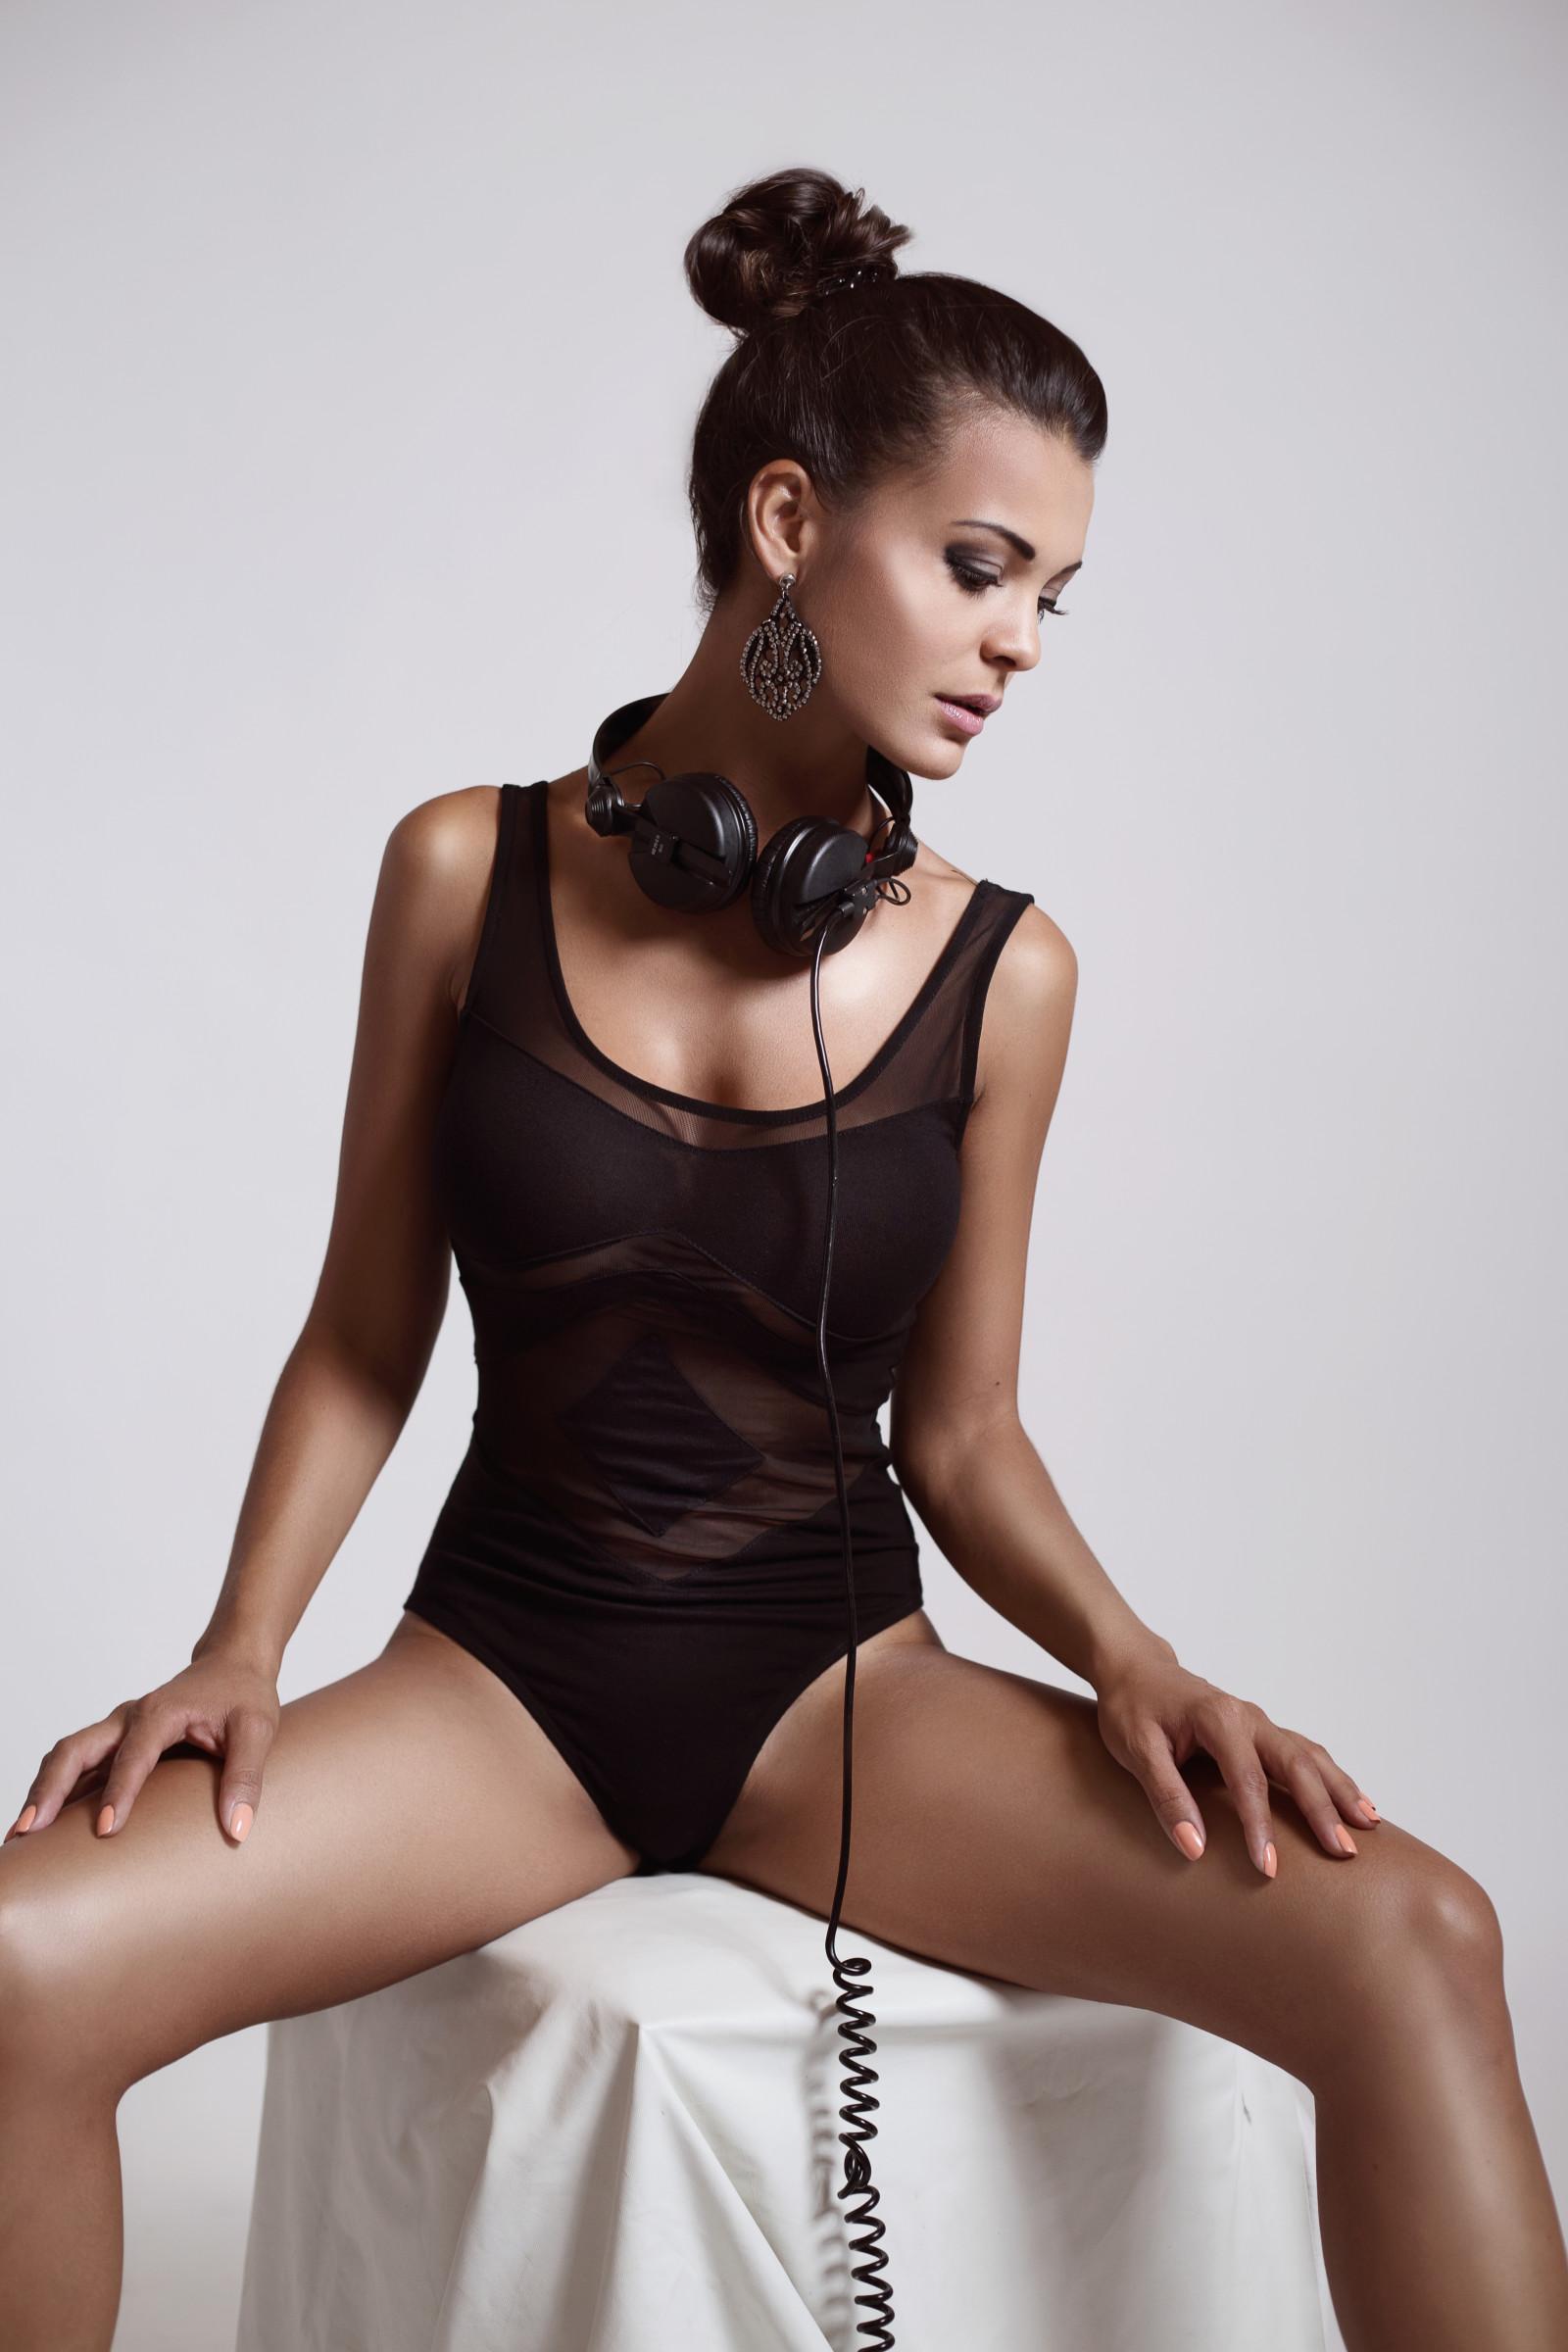 Bikini Vienna Kendall nudes (59 photo), Ass, Fappening, Feet, see through 2015